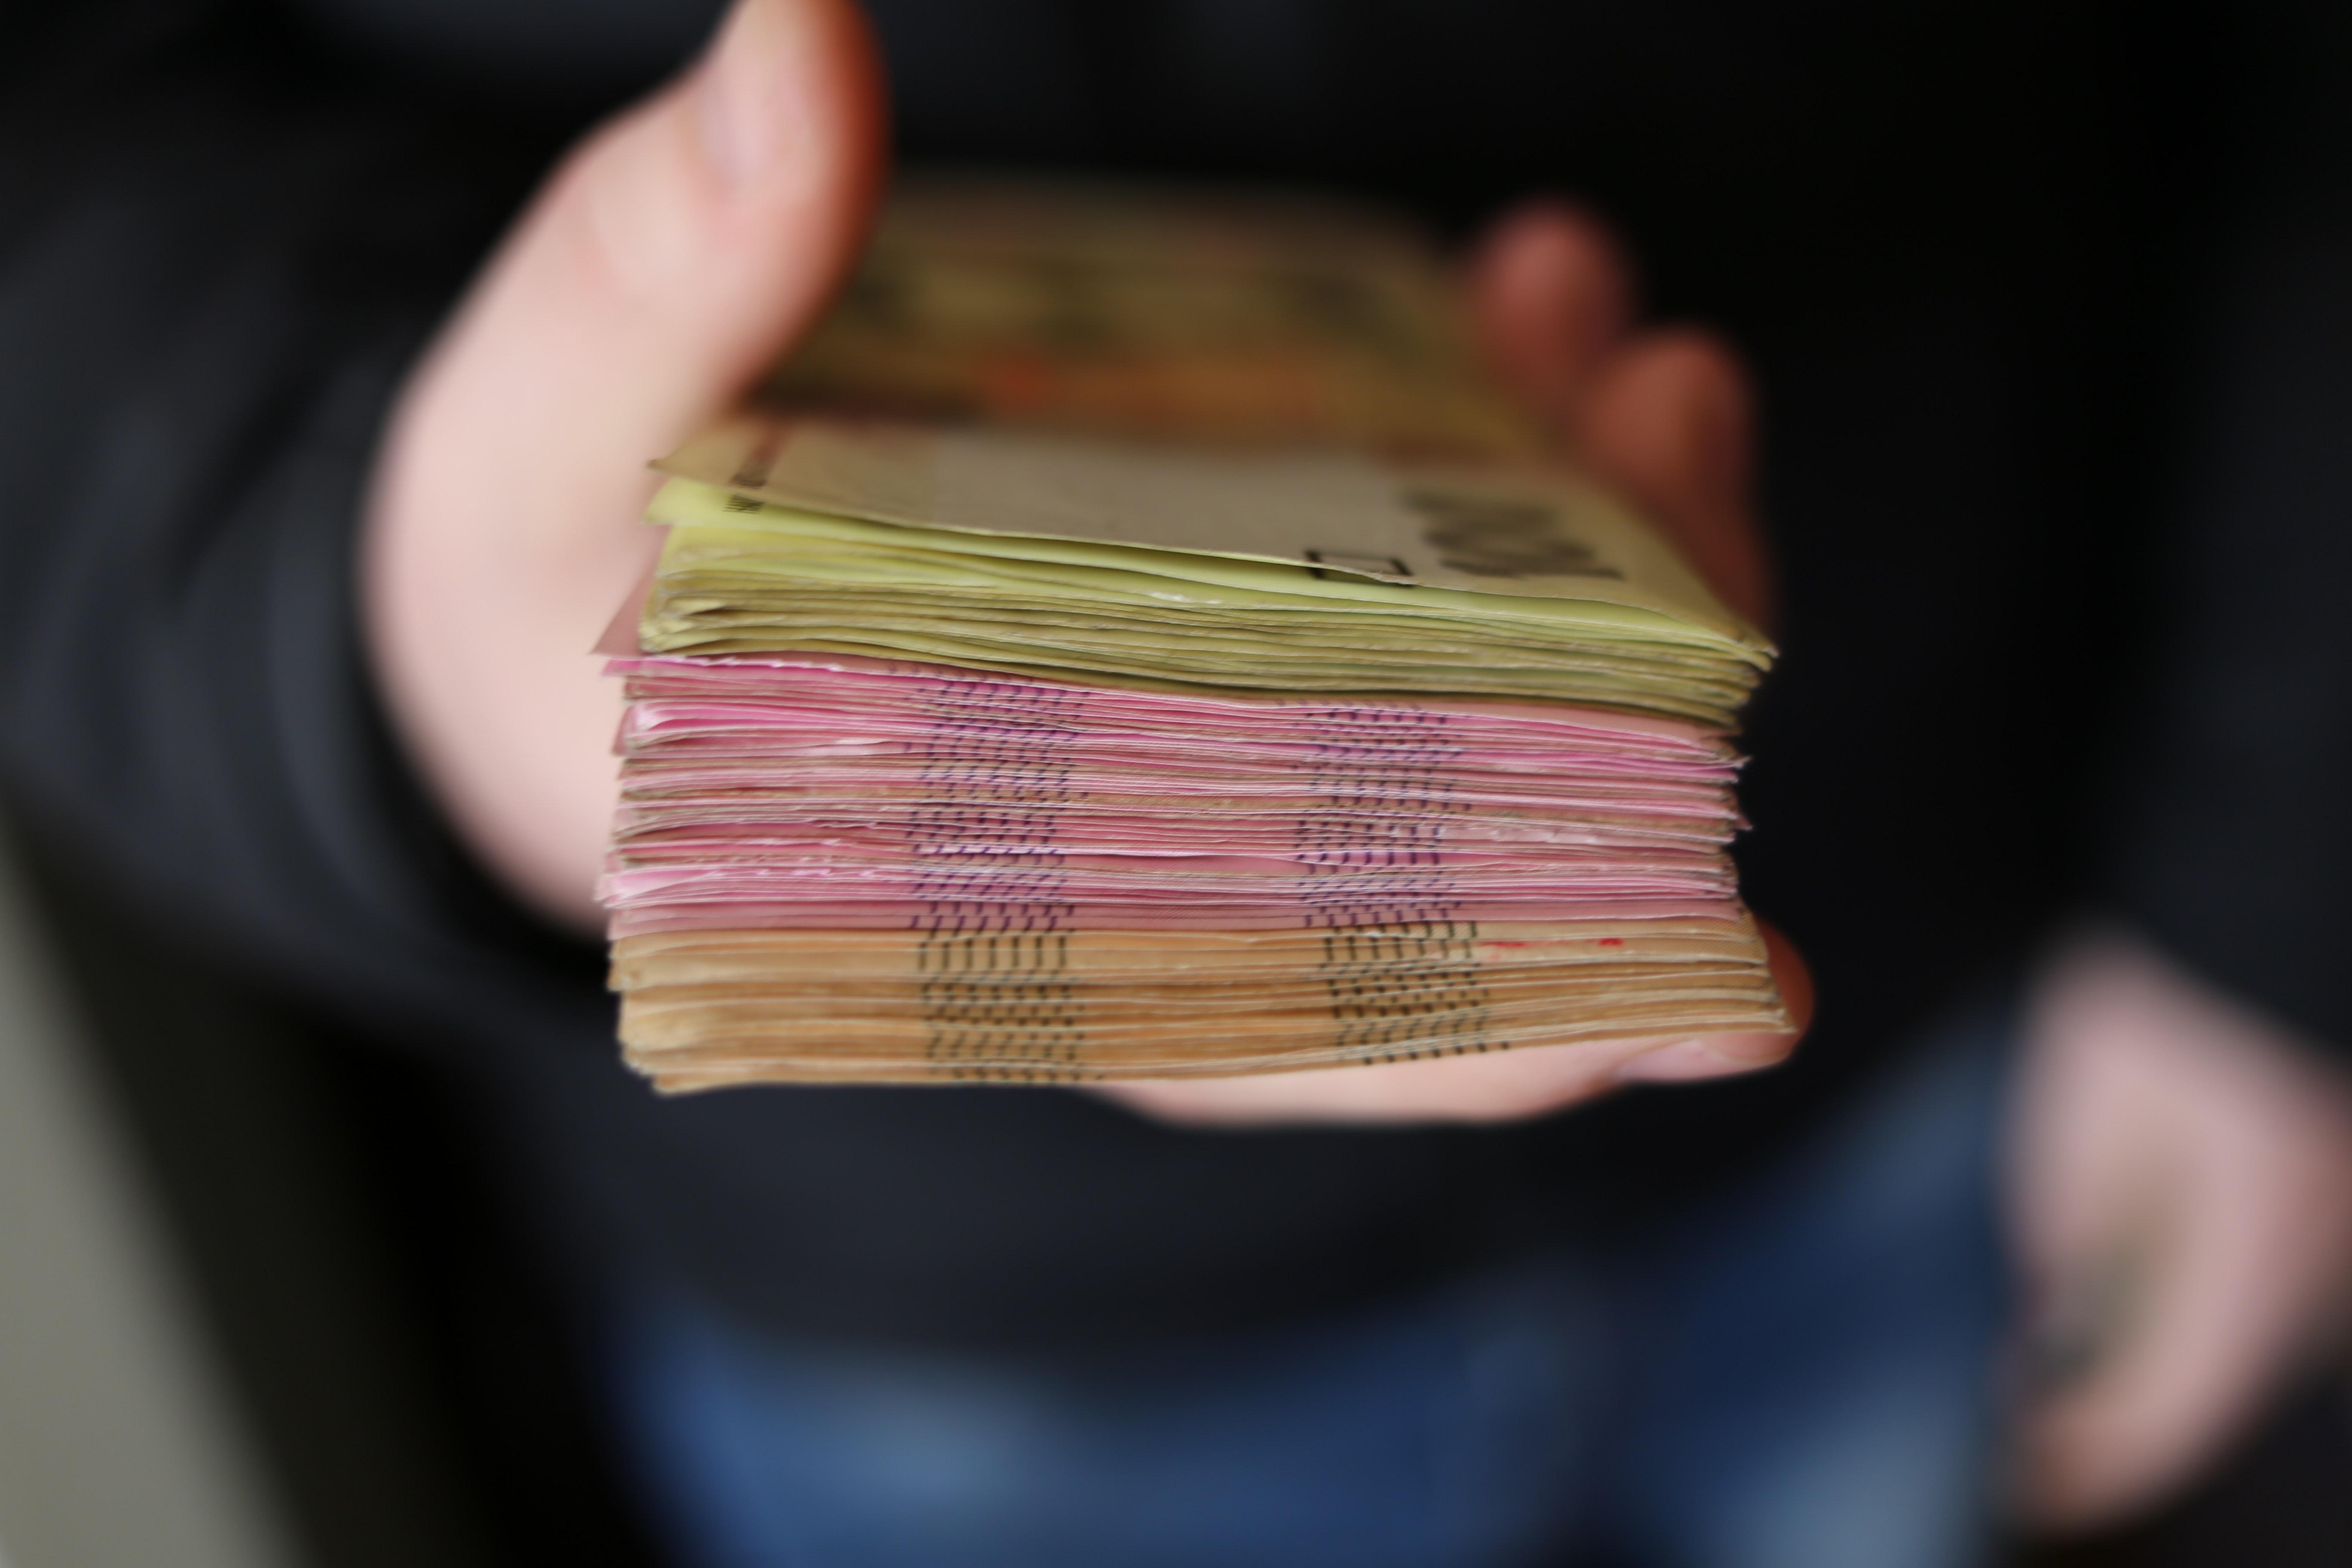 מה הכסף שלנו עשה היום?